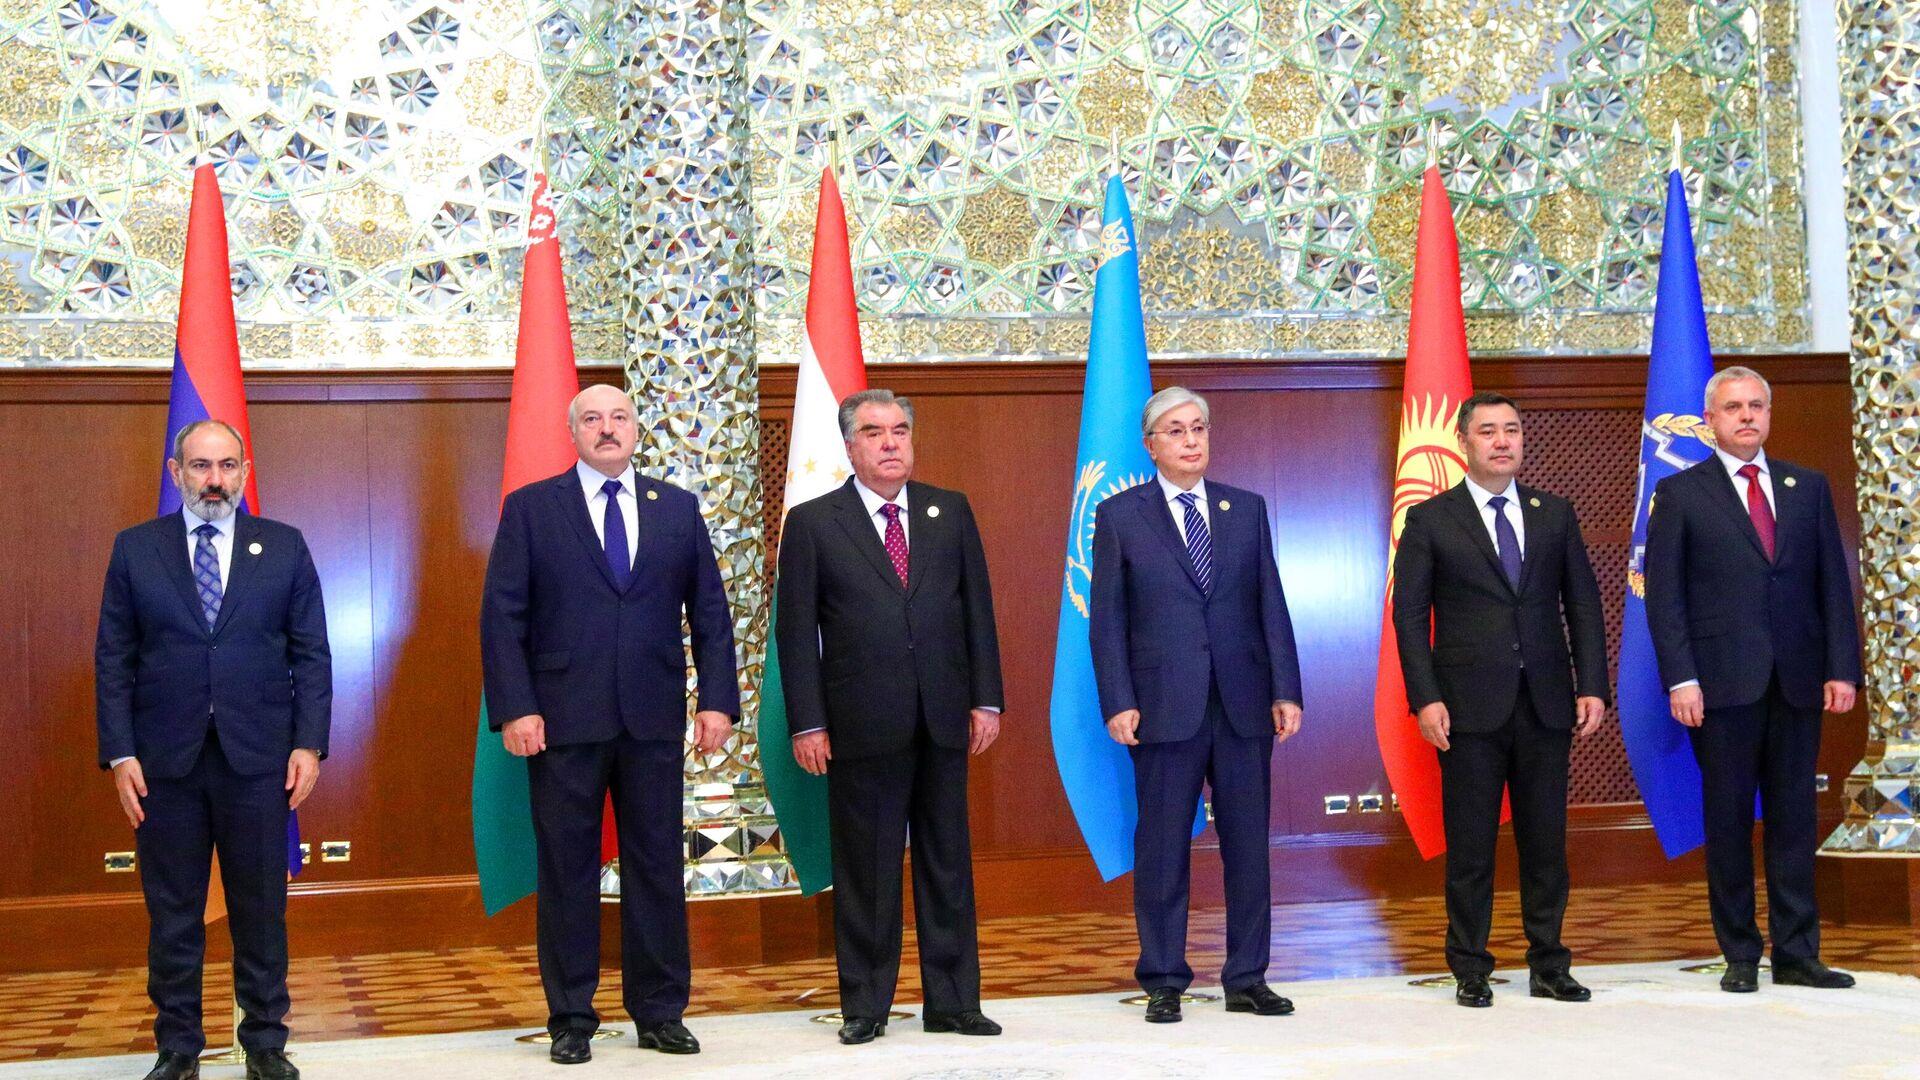 Заседание Совета коллективной безопасности ОДКБ - Sputnik Латвия, 1920, 17.09.2021